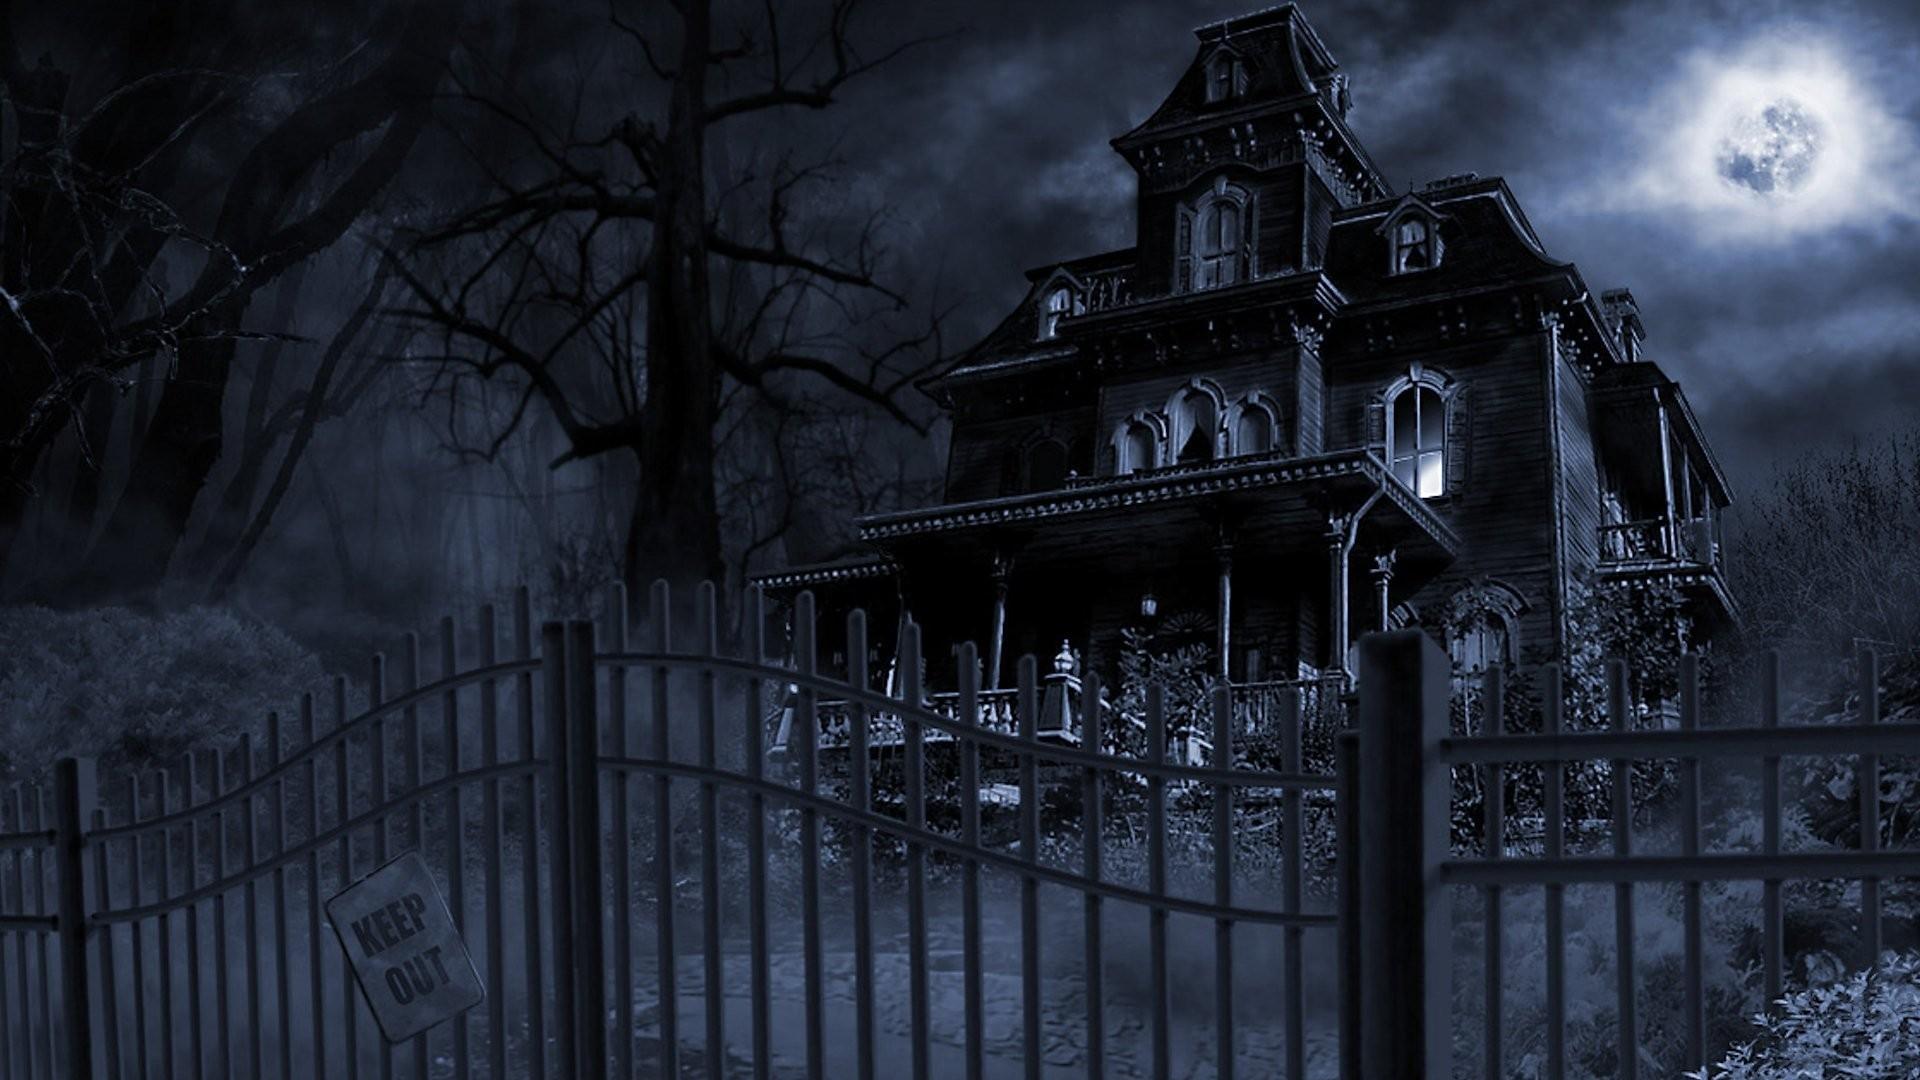 Spooky PC Wallpaper